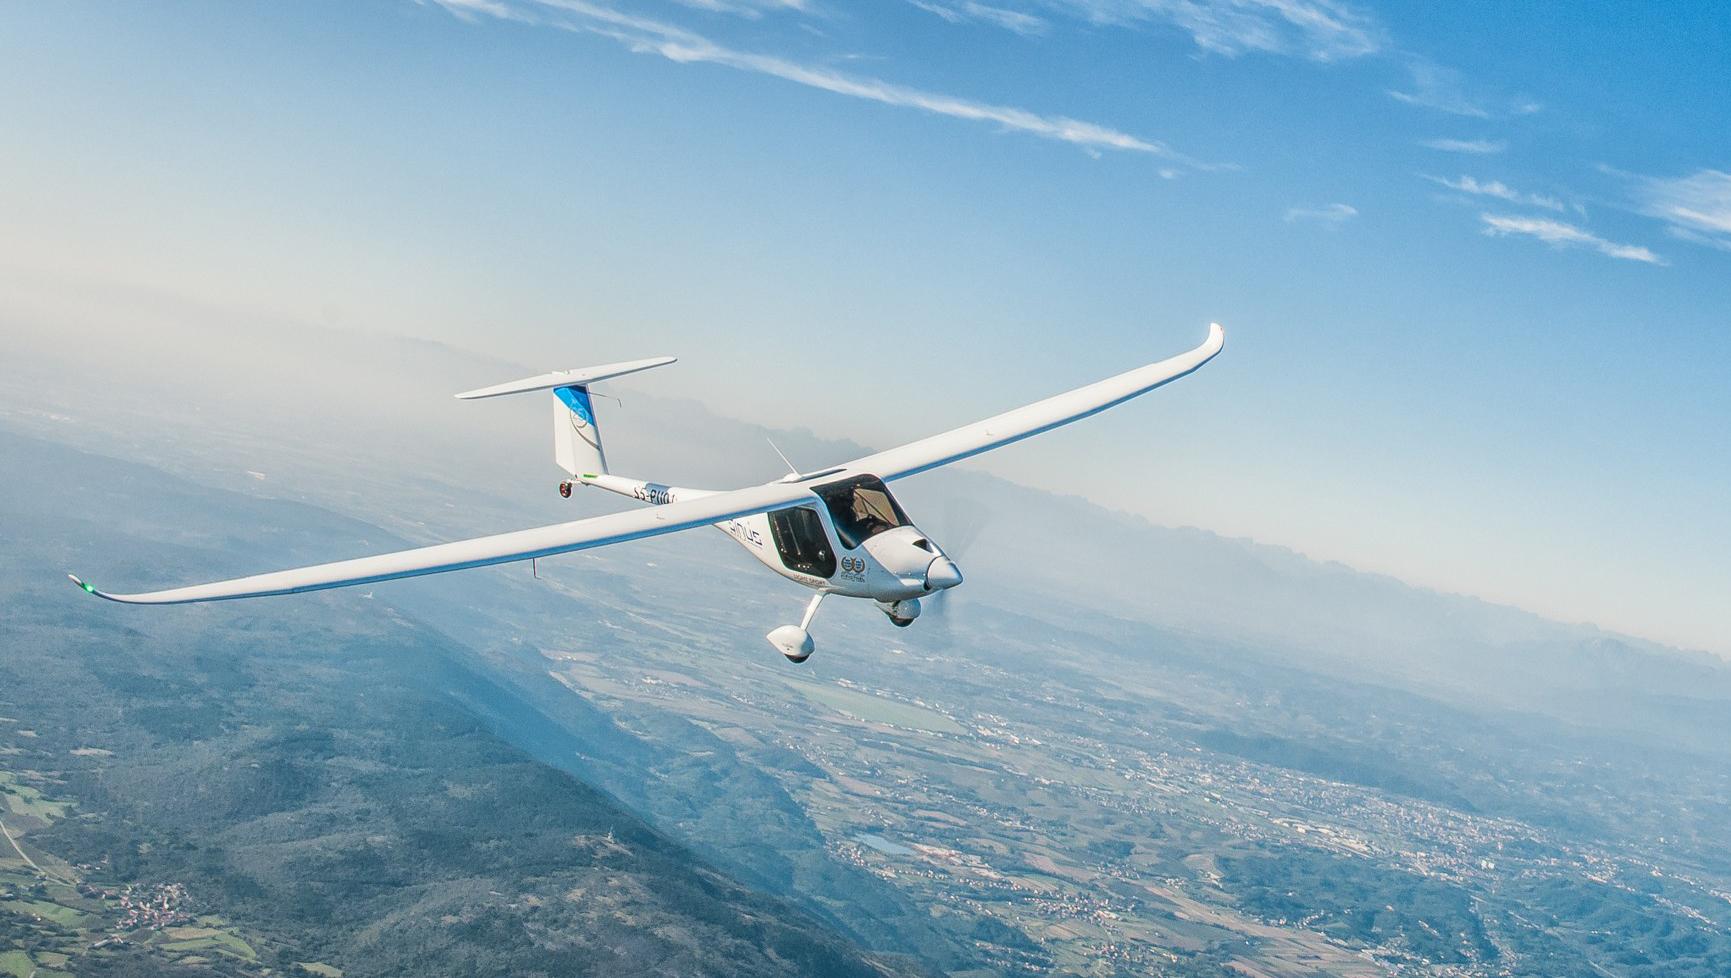 Samolot ultralekki - Sinus